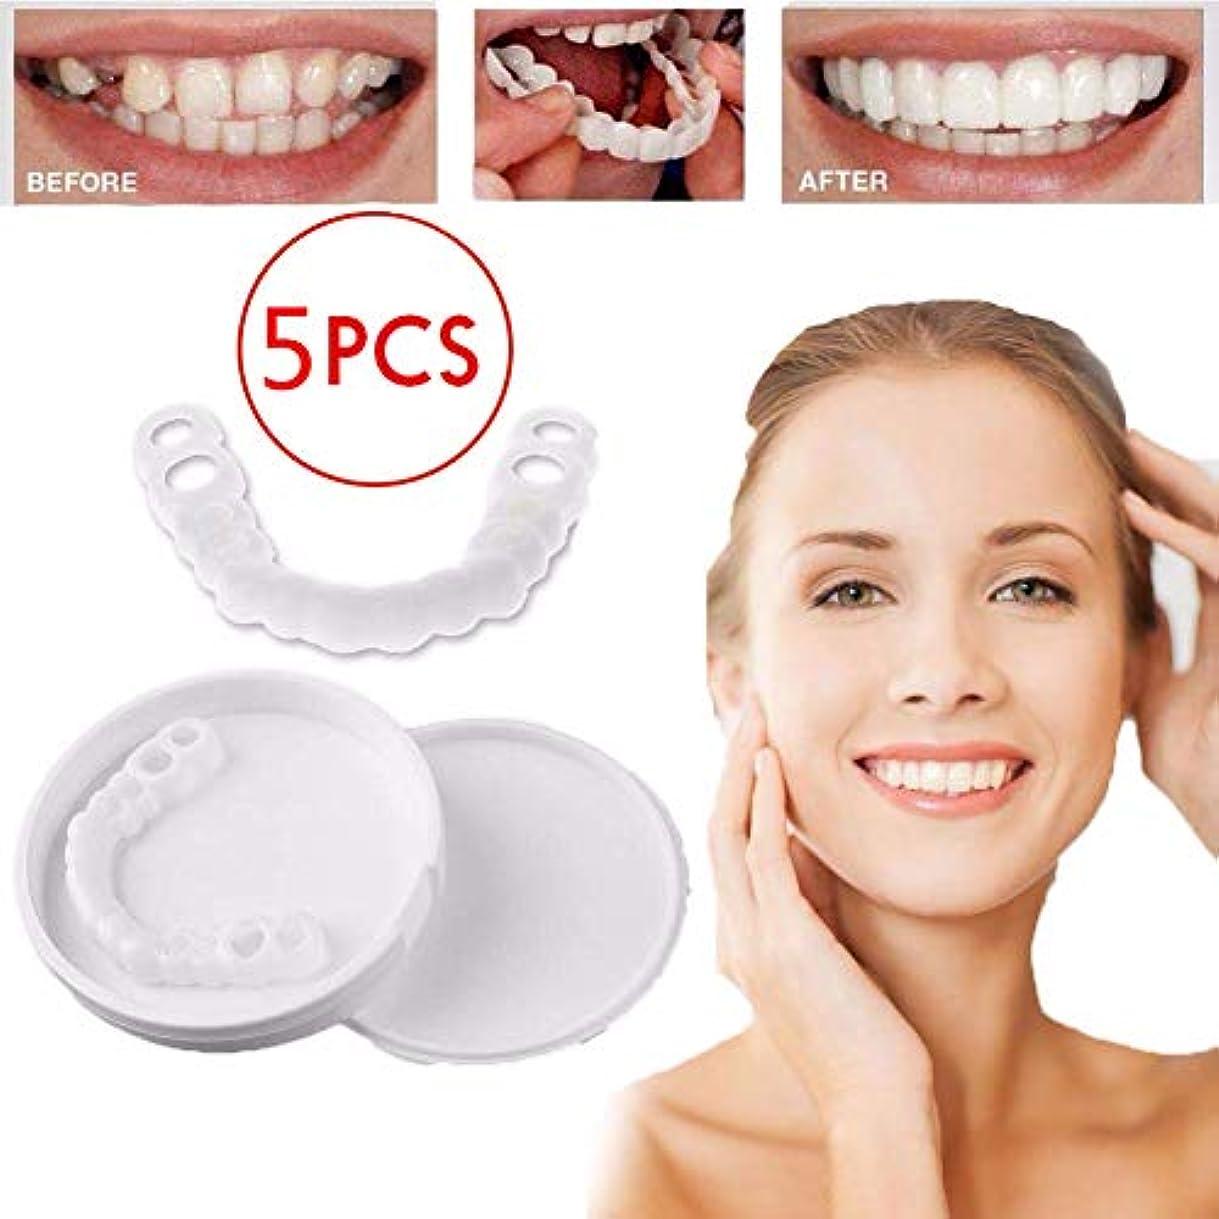 典型的な忠実にポーターインスタント快適なフレックスパーフェクトベニアの歯のスナップキャップを白くする6個の一時的な歯,5pcslowerteeth